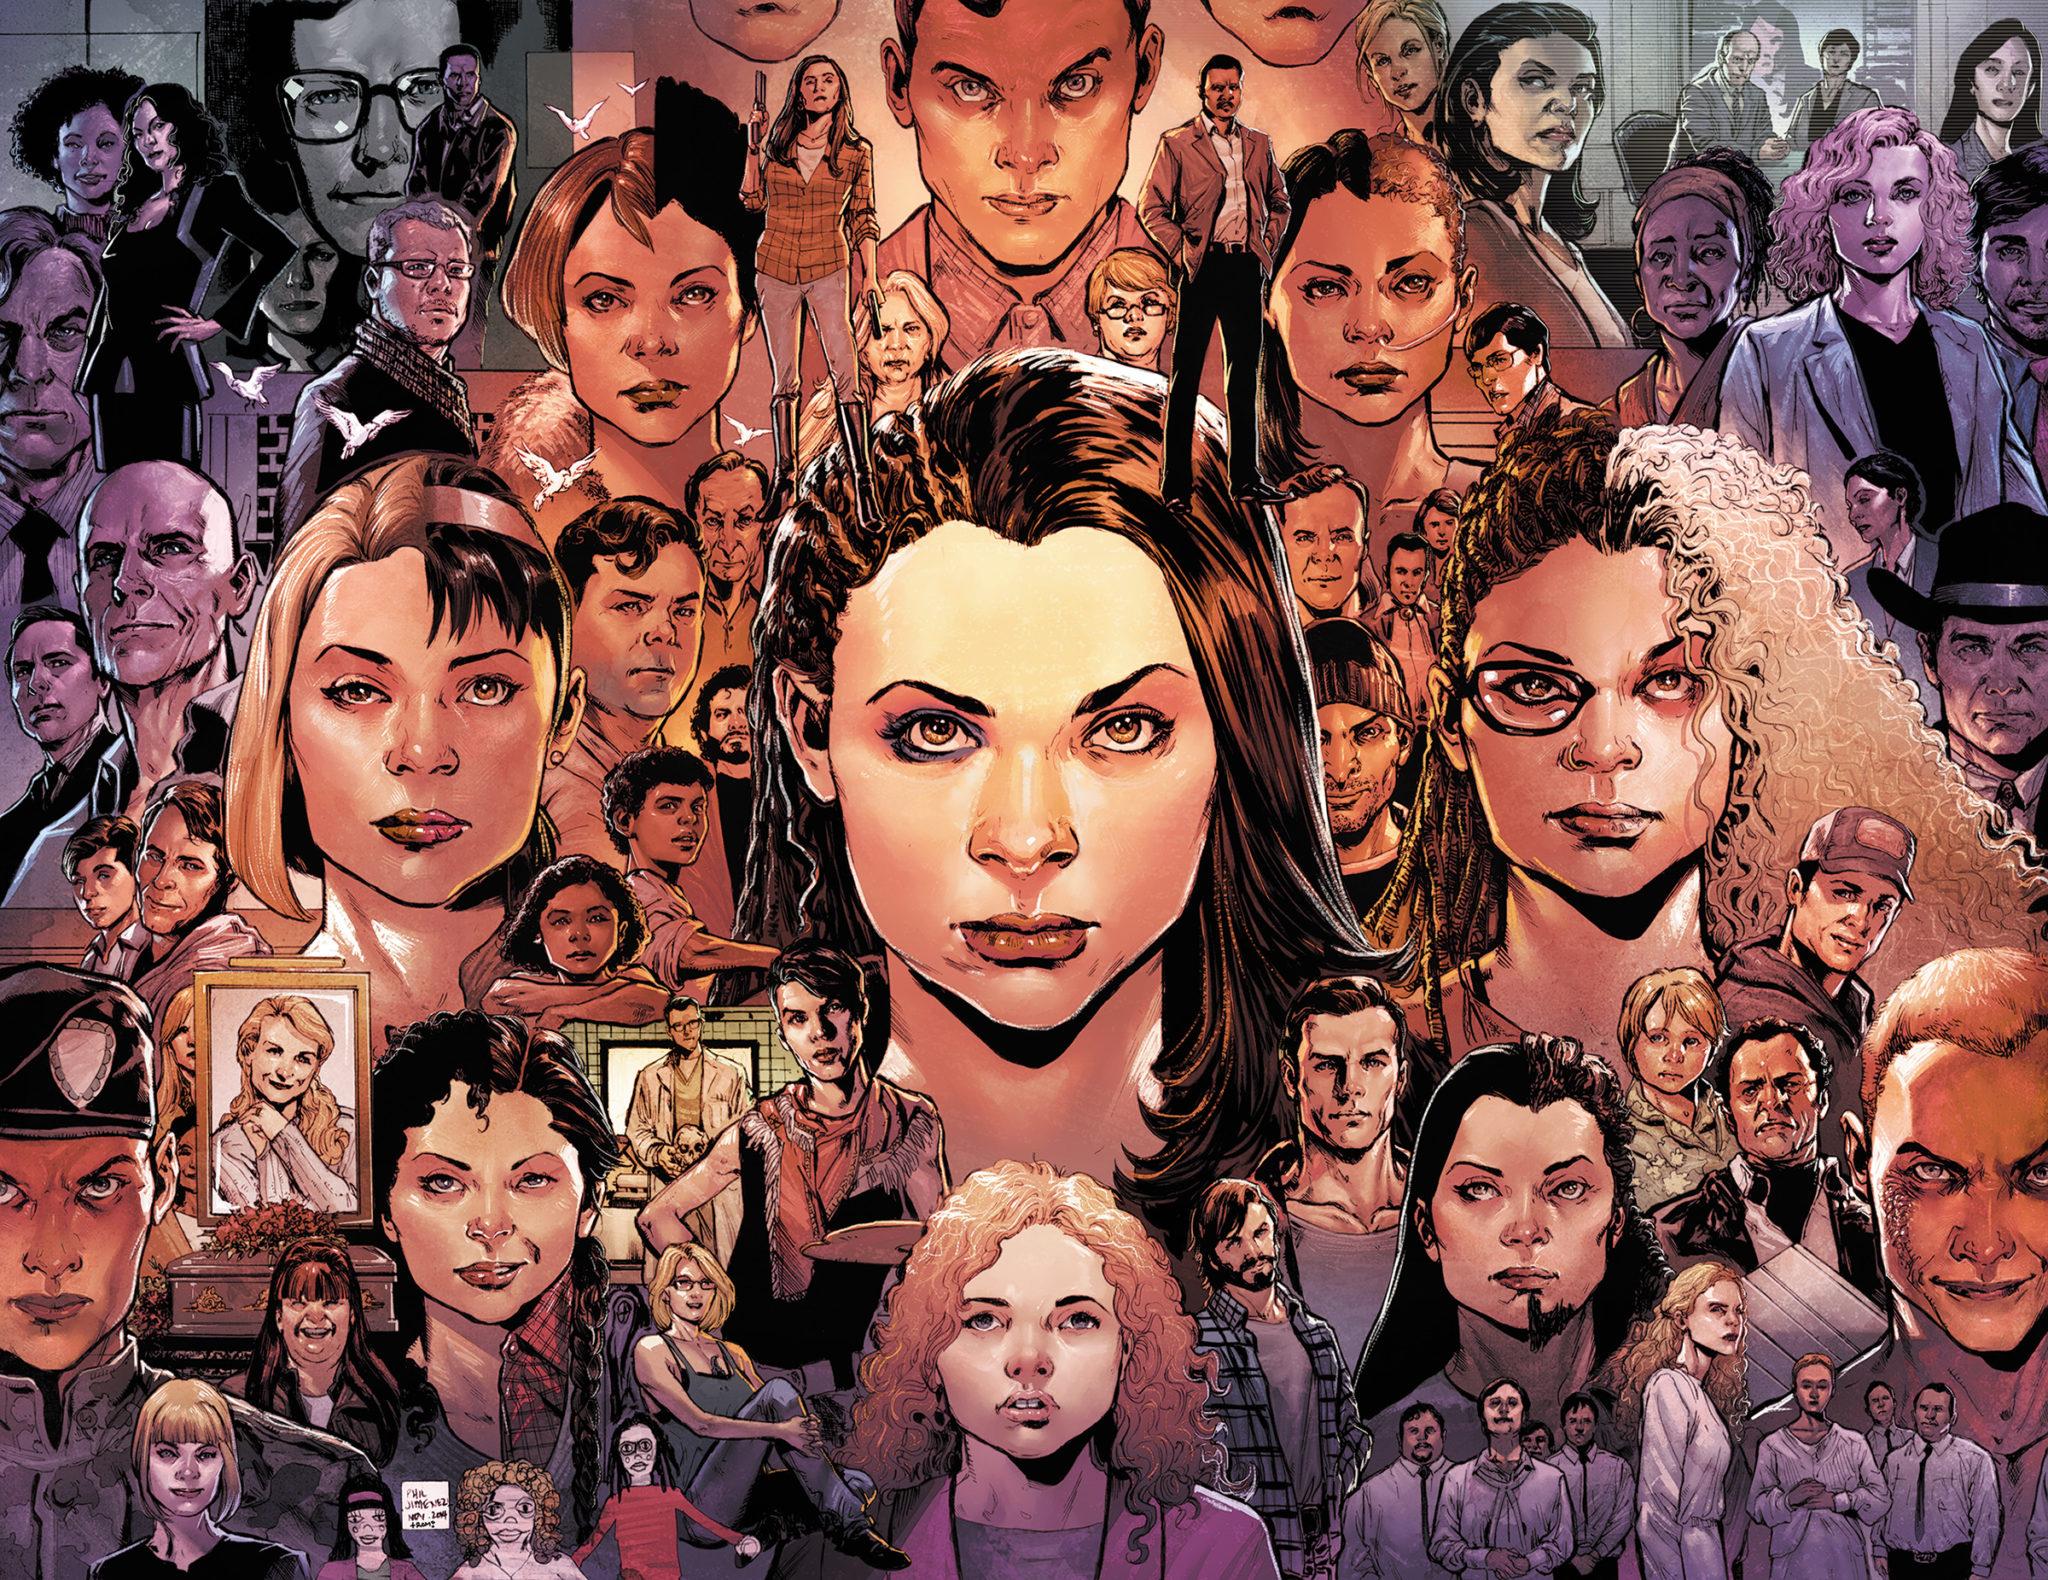 Nuevos cómics de Orphan Black contarán historia donde Beth Childs vive